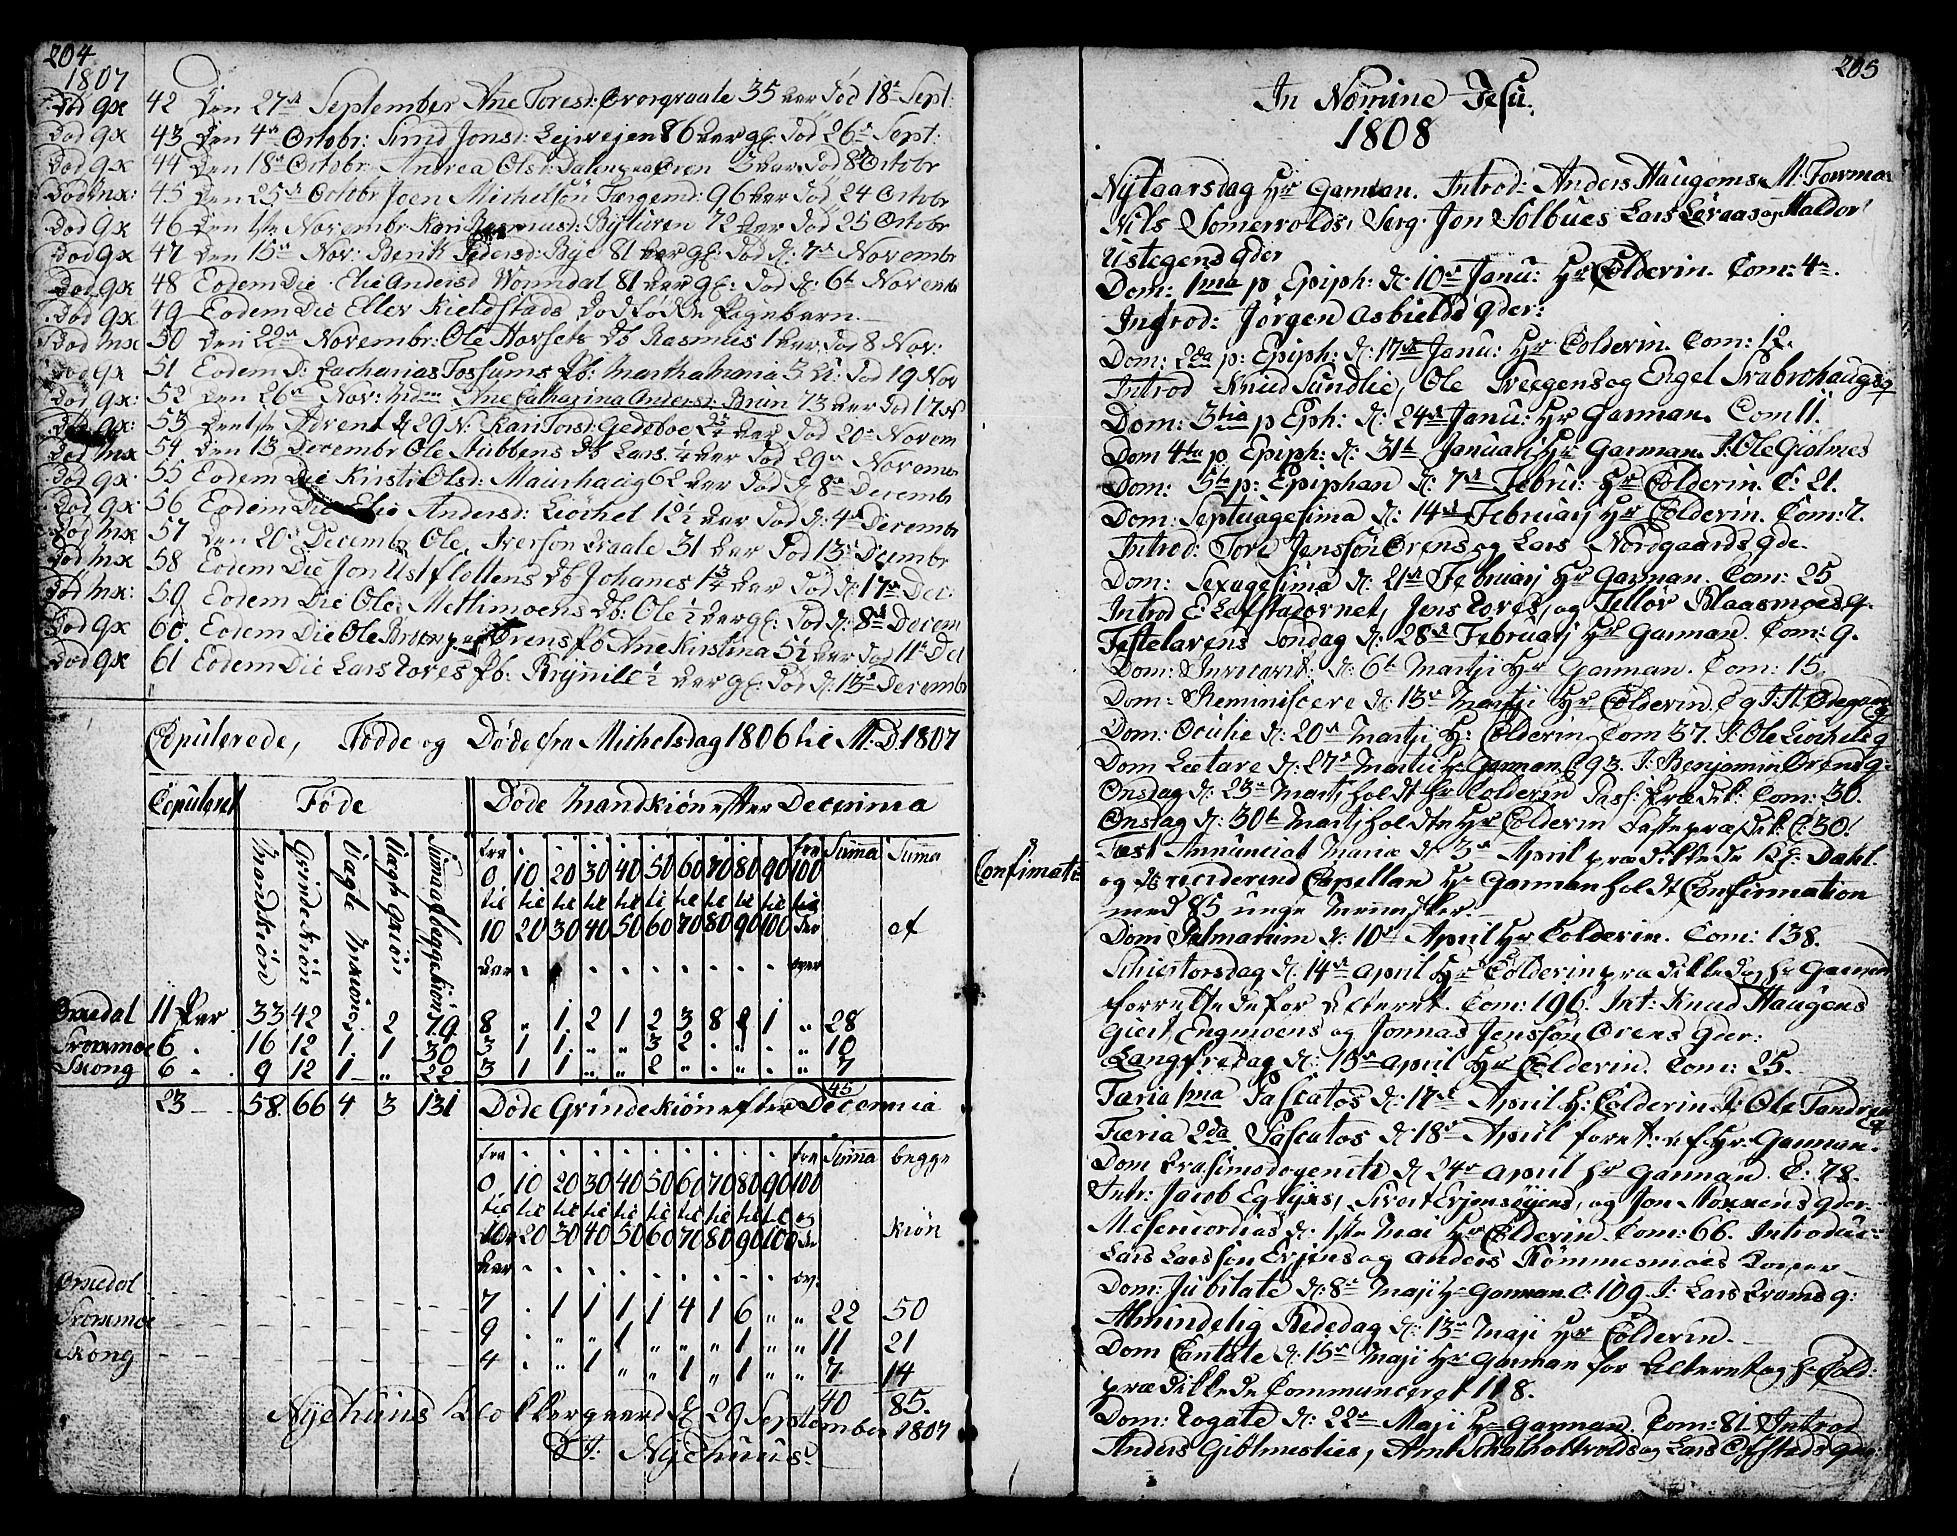 SAT, Ministerialprotokoller, klokkerbøker og fødselsregistre - Sør-Trøndelag, 668/L0815: Klokkerbok nr. 668C04, 1791-1815, s. 204-205